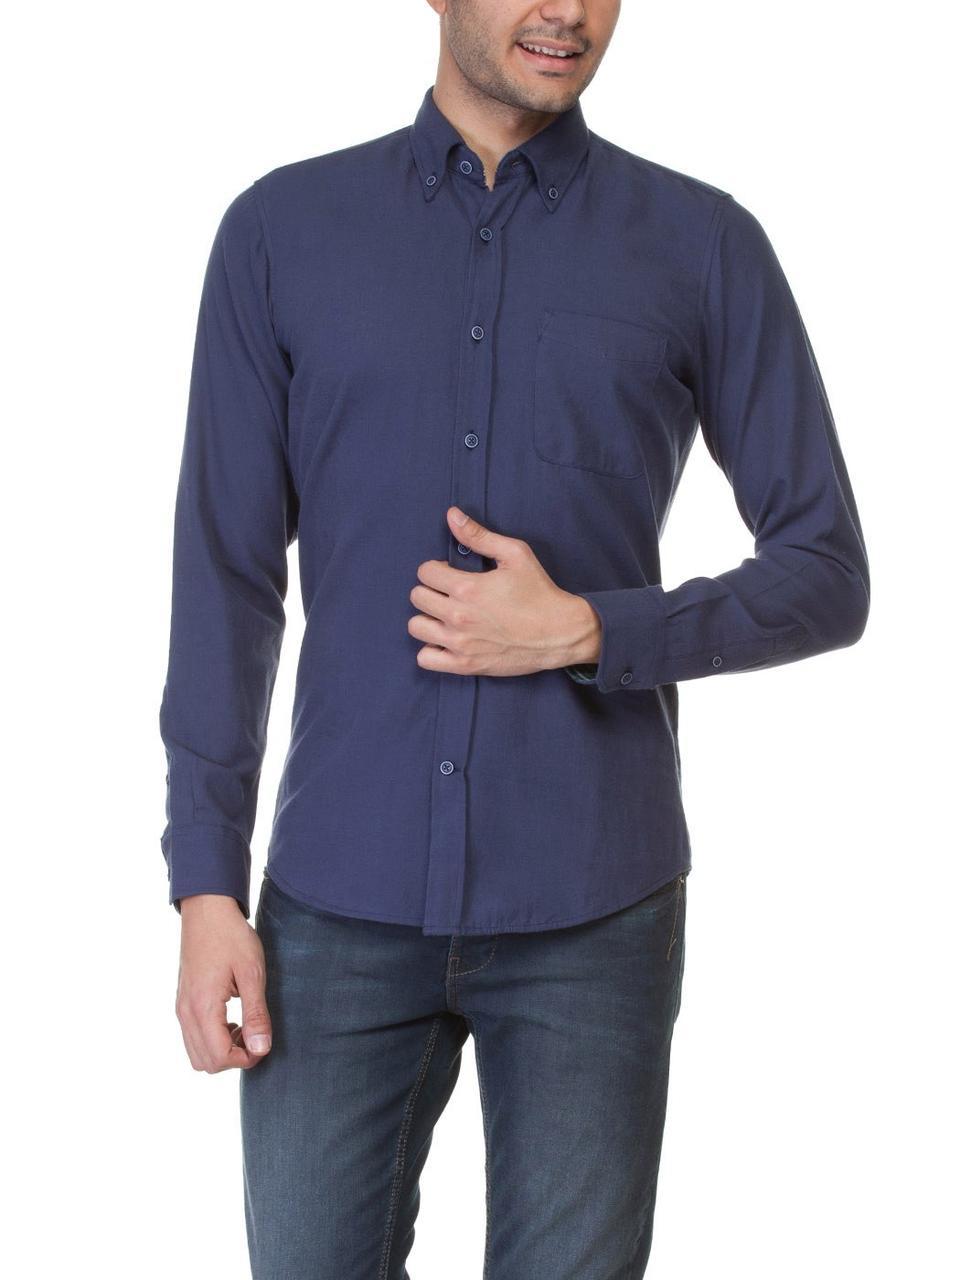 Синя чоловіча сорочка LC Waikiki / ЛЗ Вайкікі з синіми гудзиками